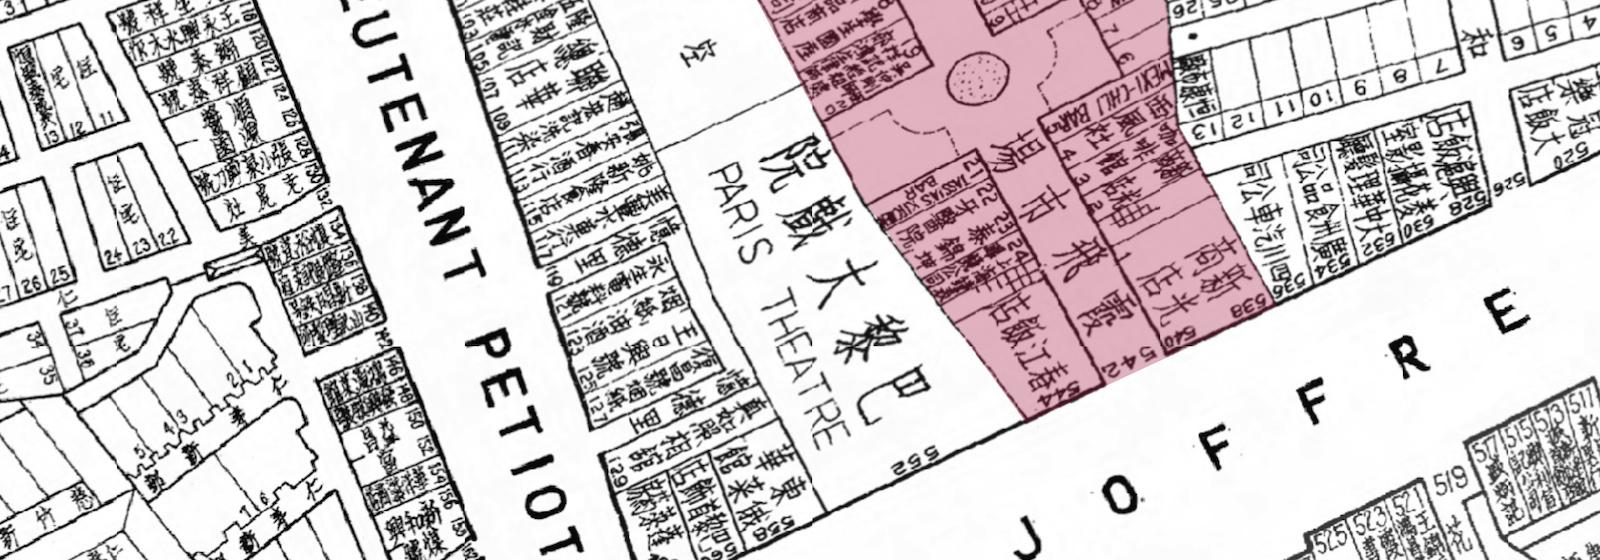 Карта Joffre Arcade (c)-historicshanghai.net